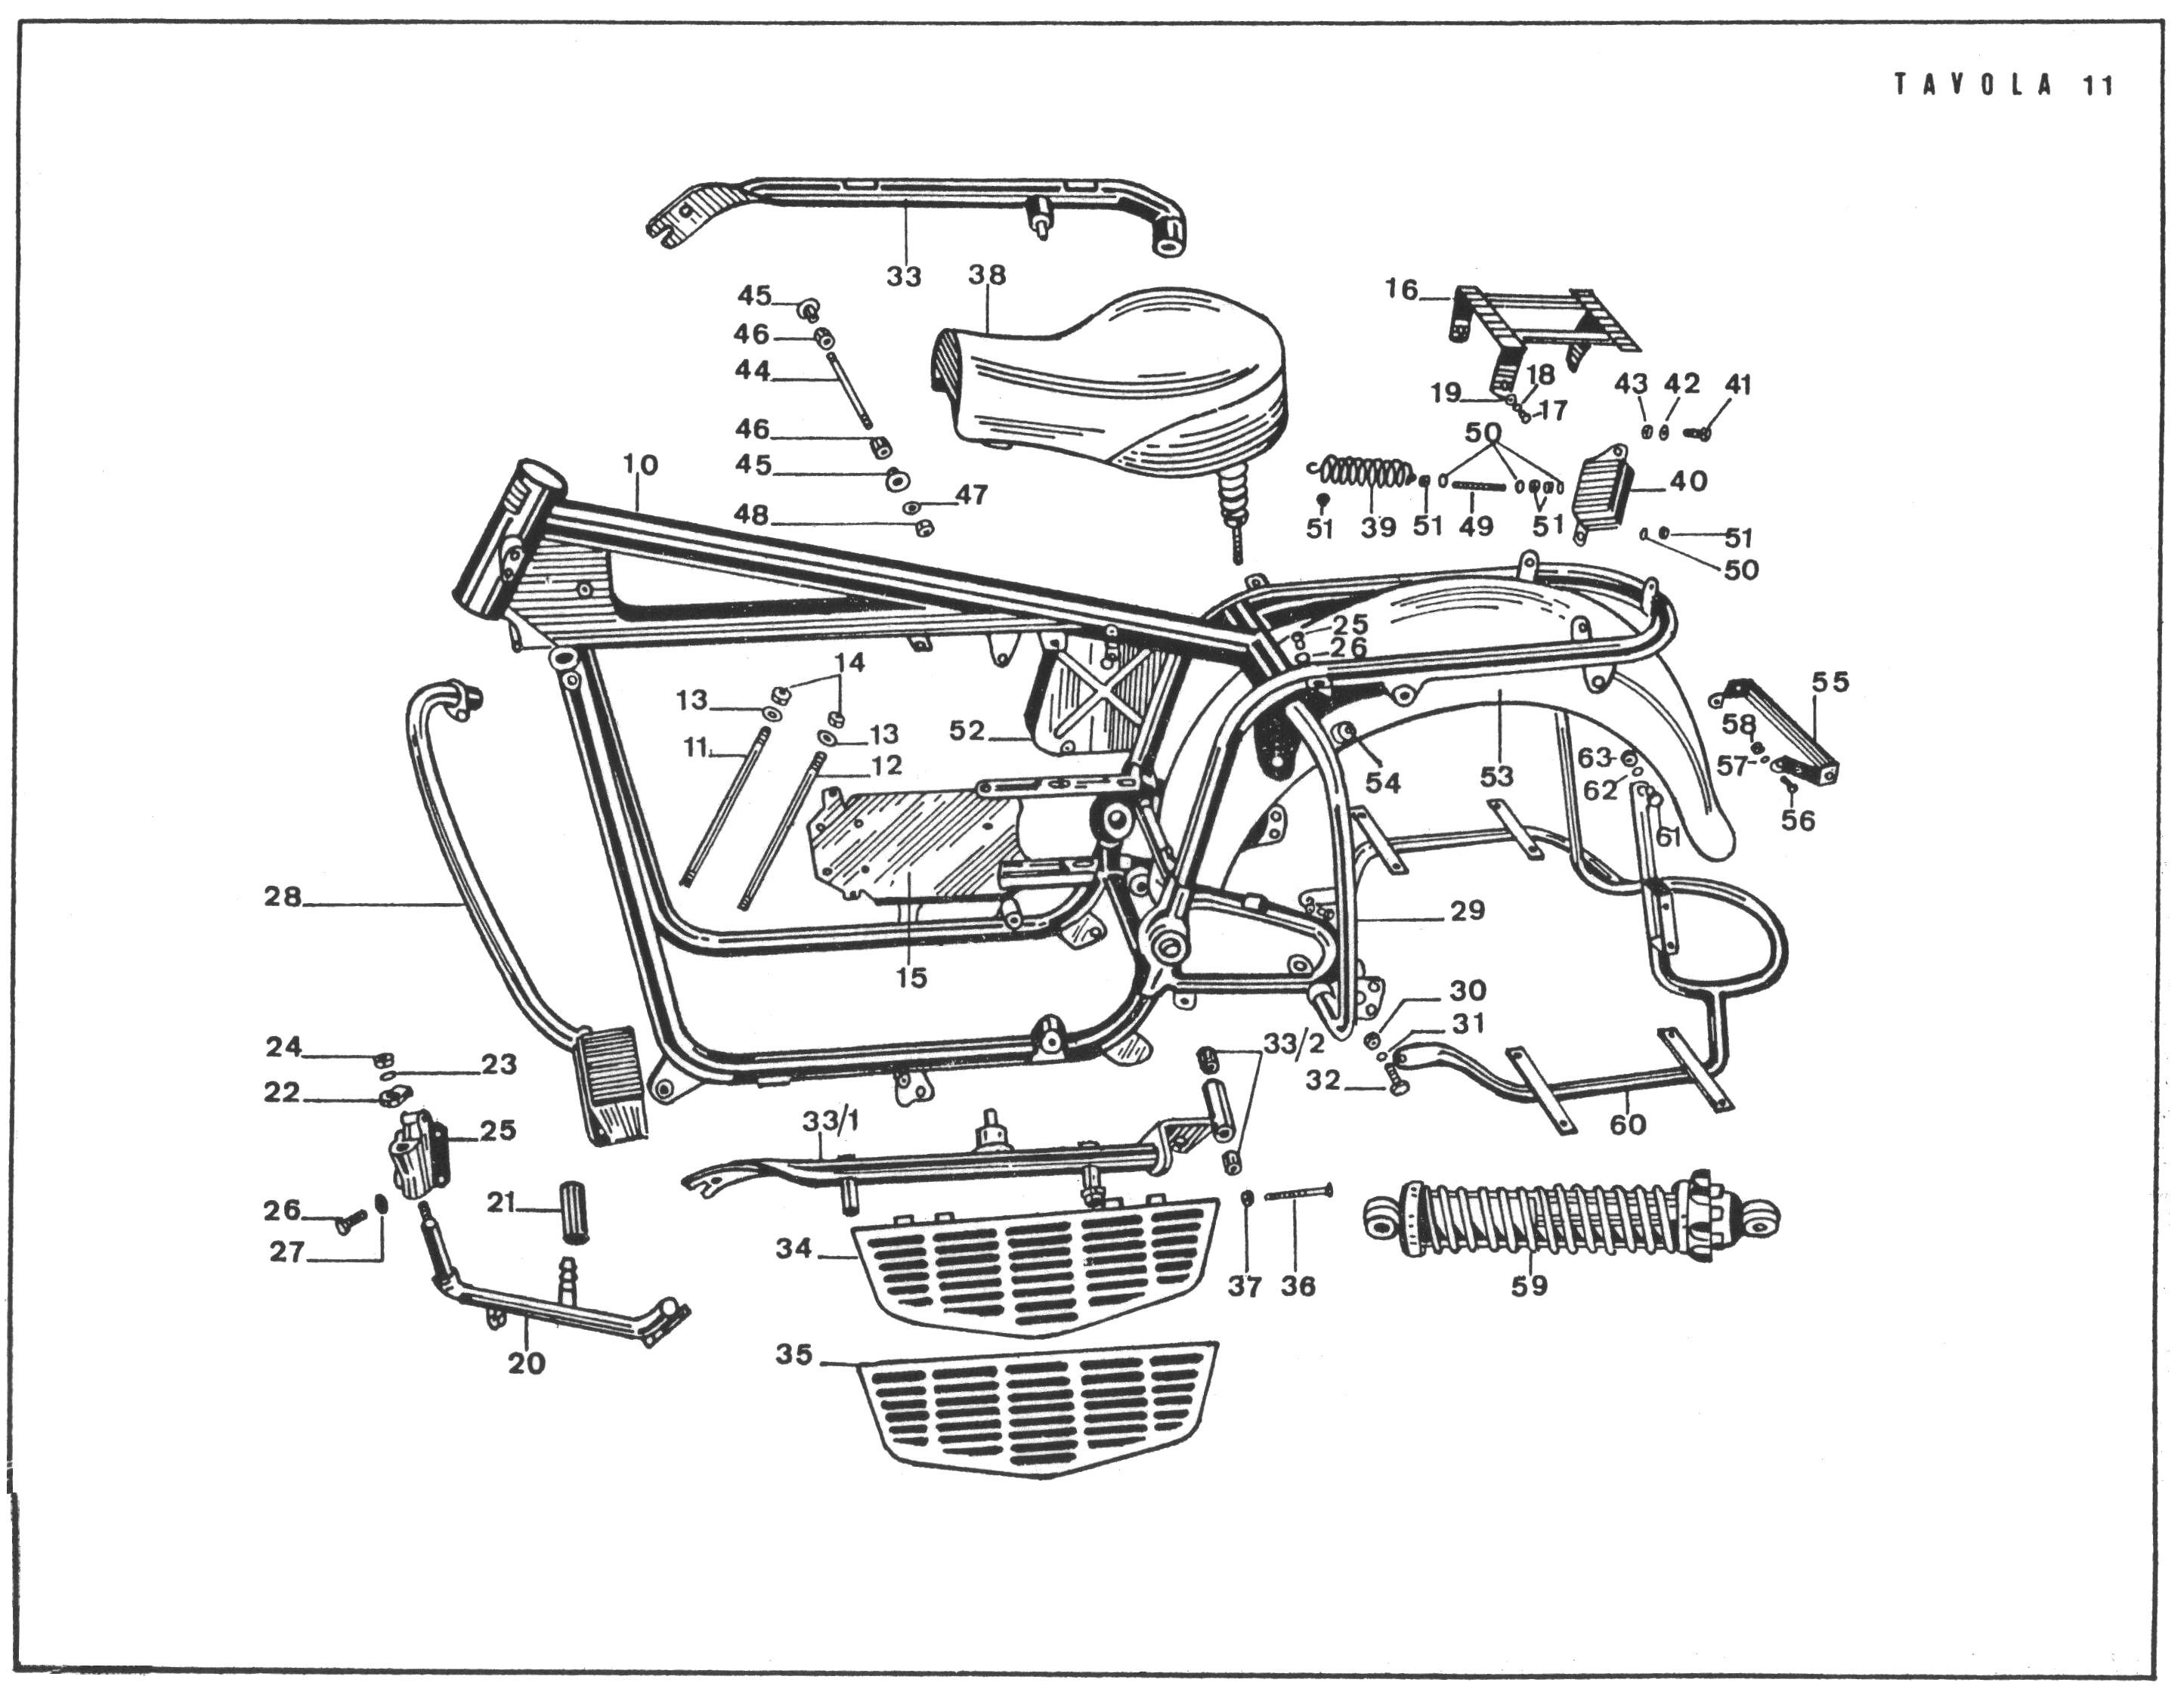 Footboard Comparison - Early Vs  Late Moto Guzzi